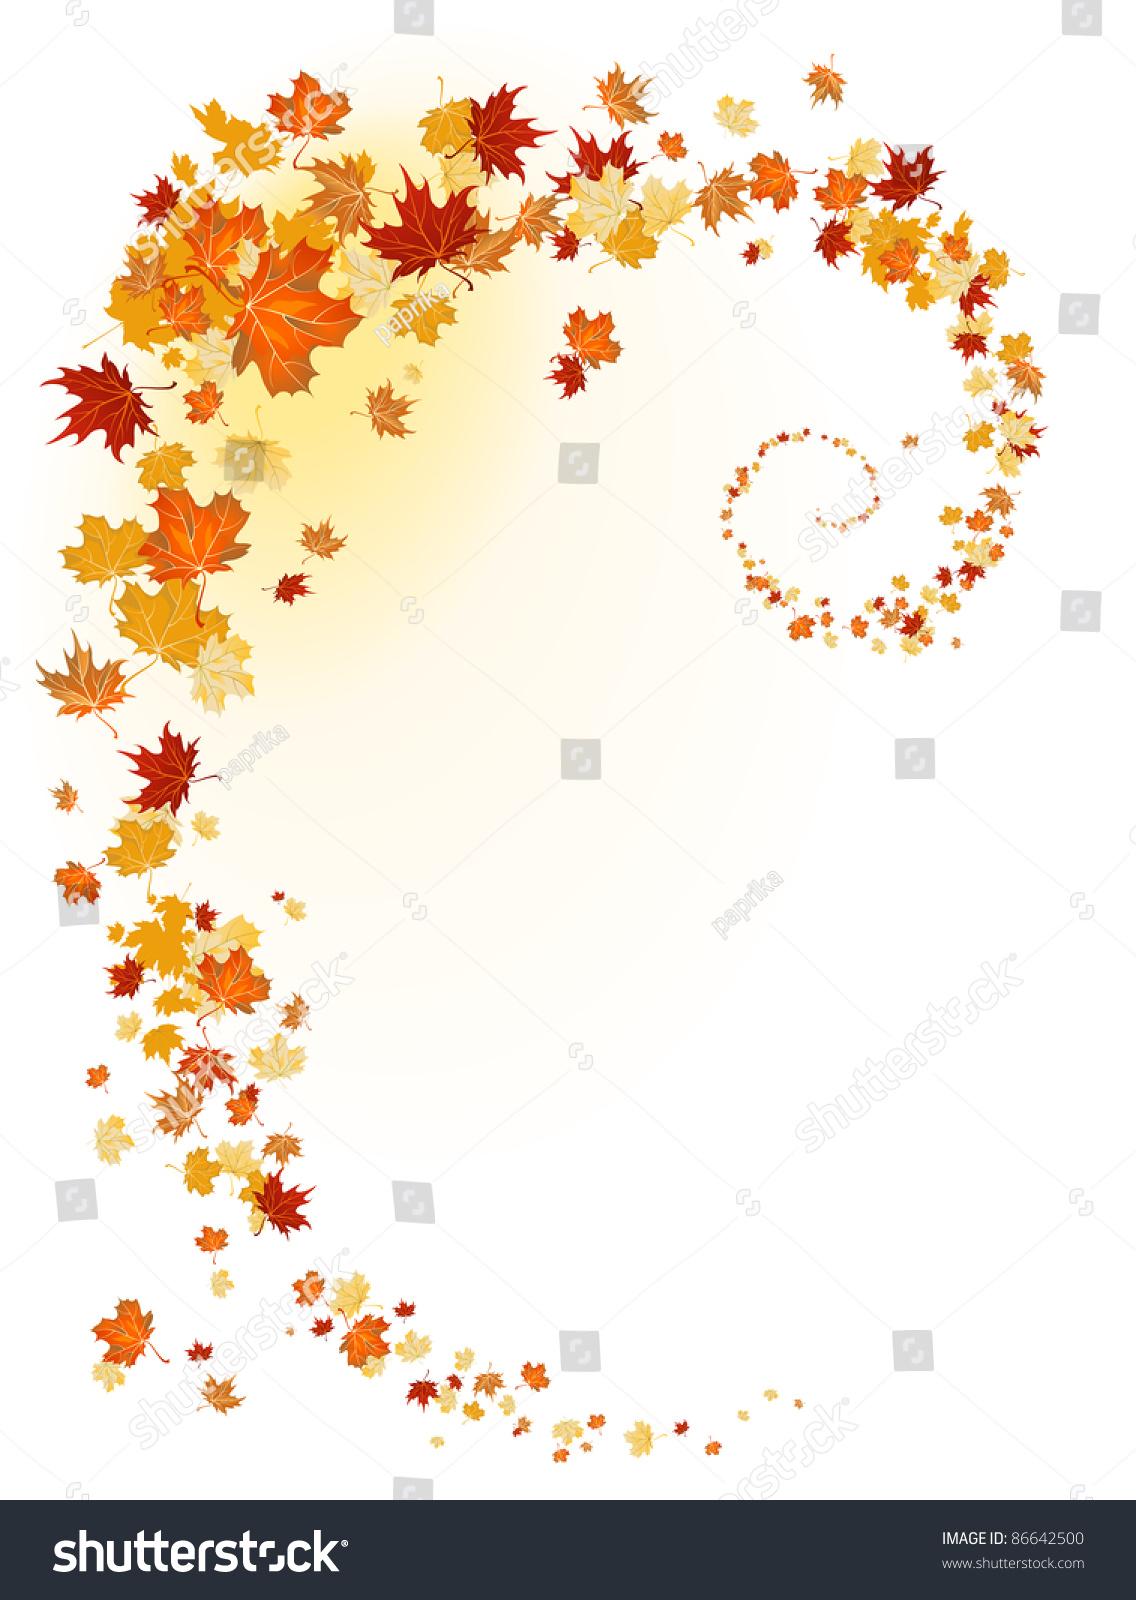 叶子的背景.光栅版